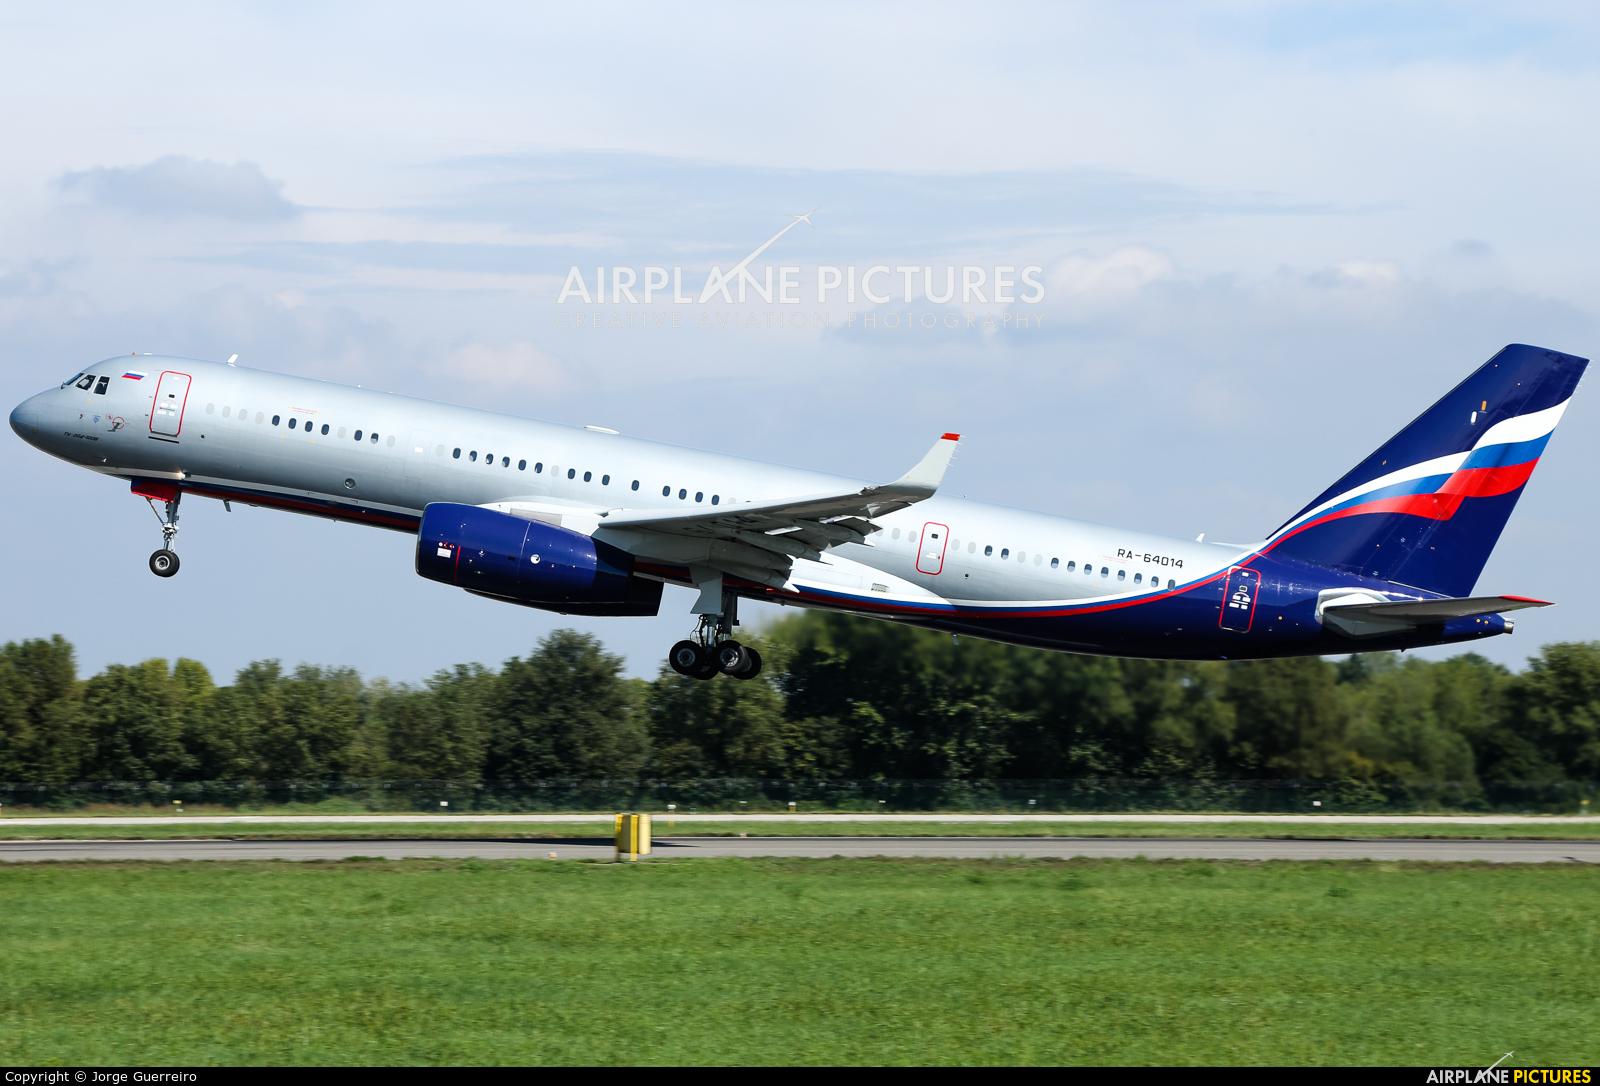 RA-64014 aircraft at Milan - Linate